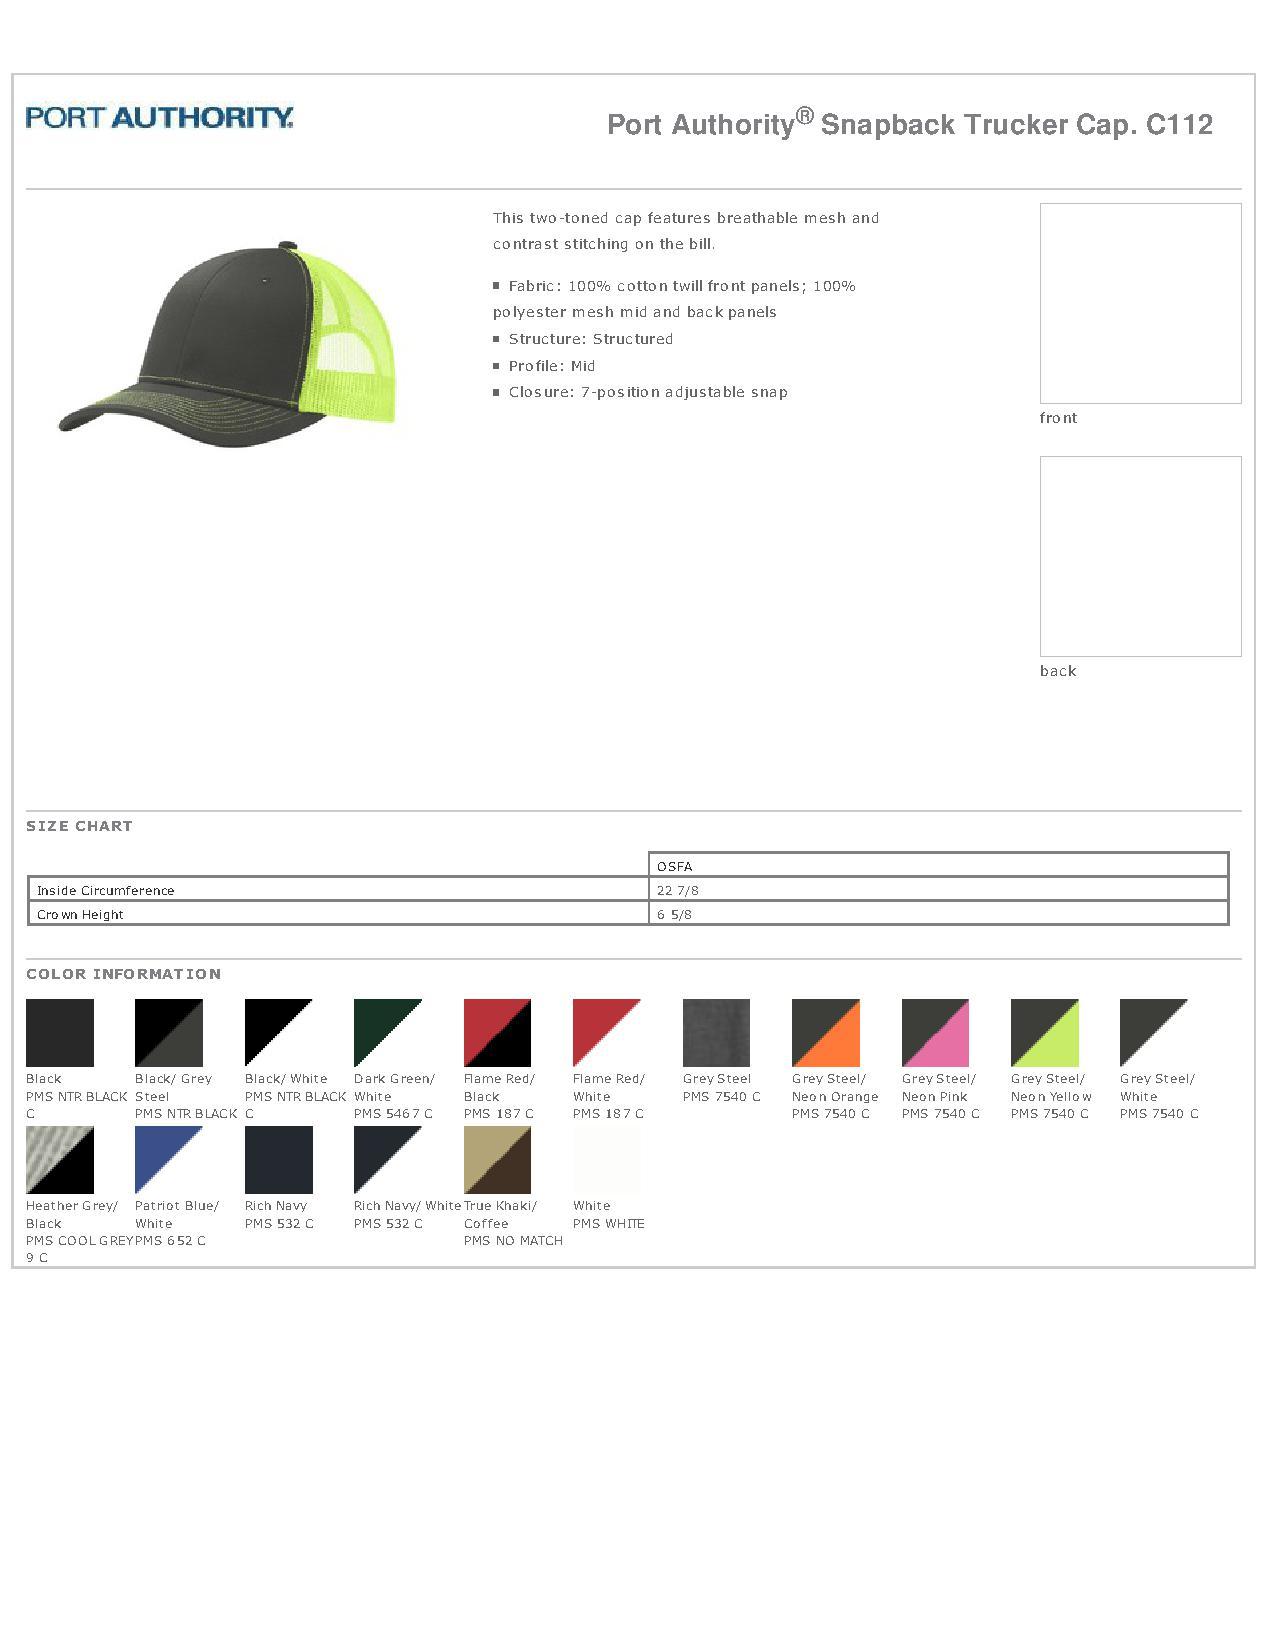 50fdcd064 Port Authority C112 - Snapback Trucker Cap $4.37 - Headwear